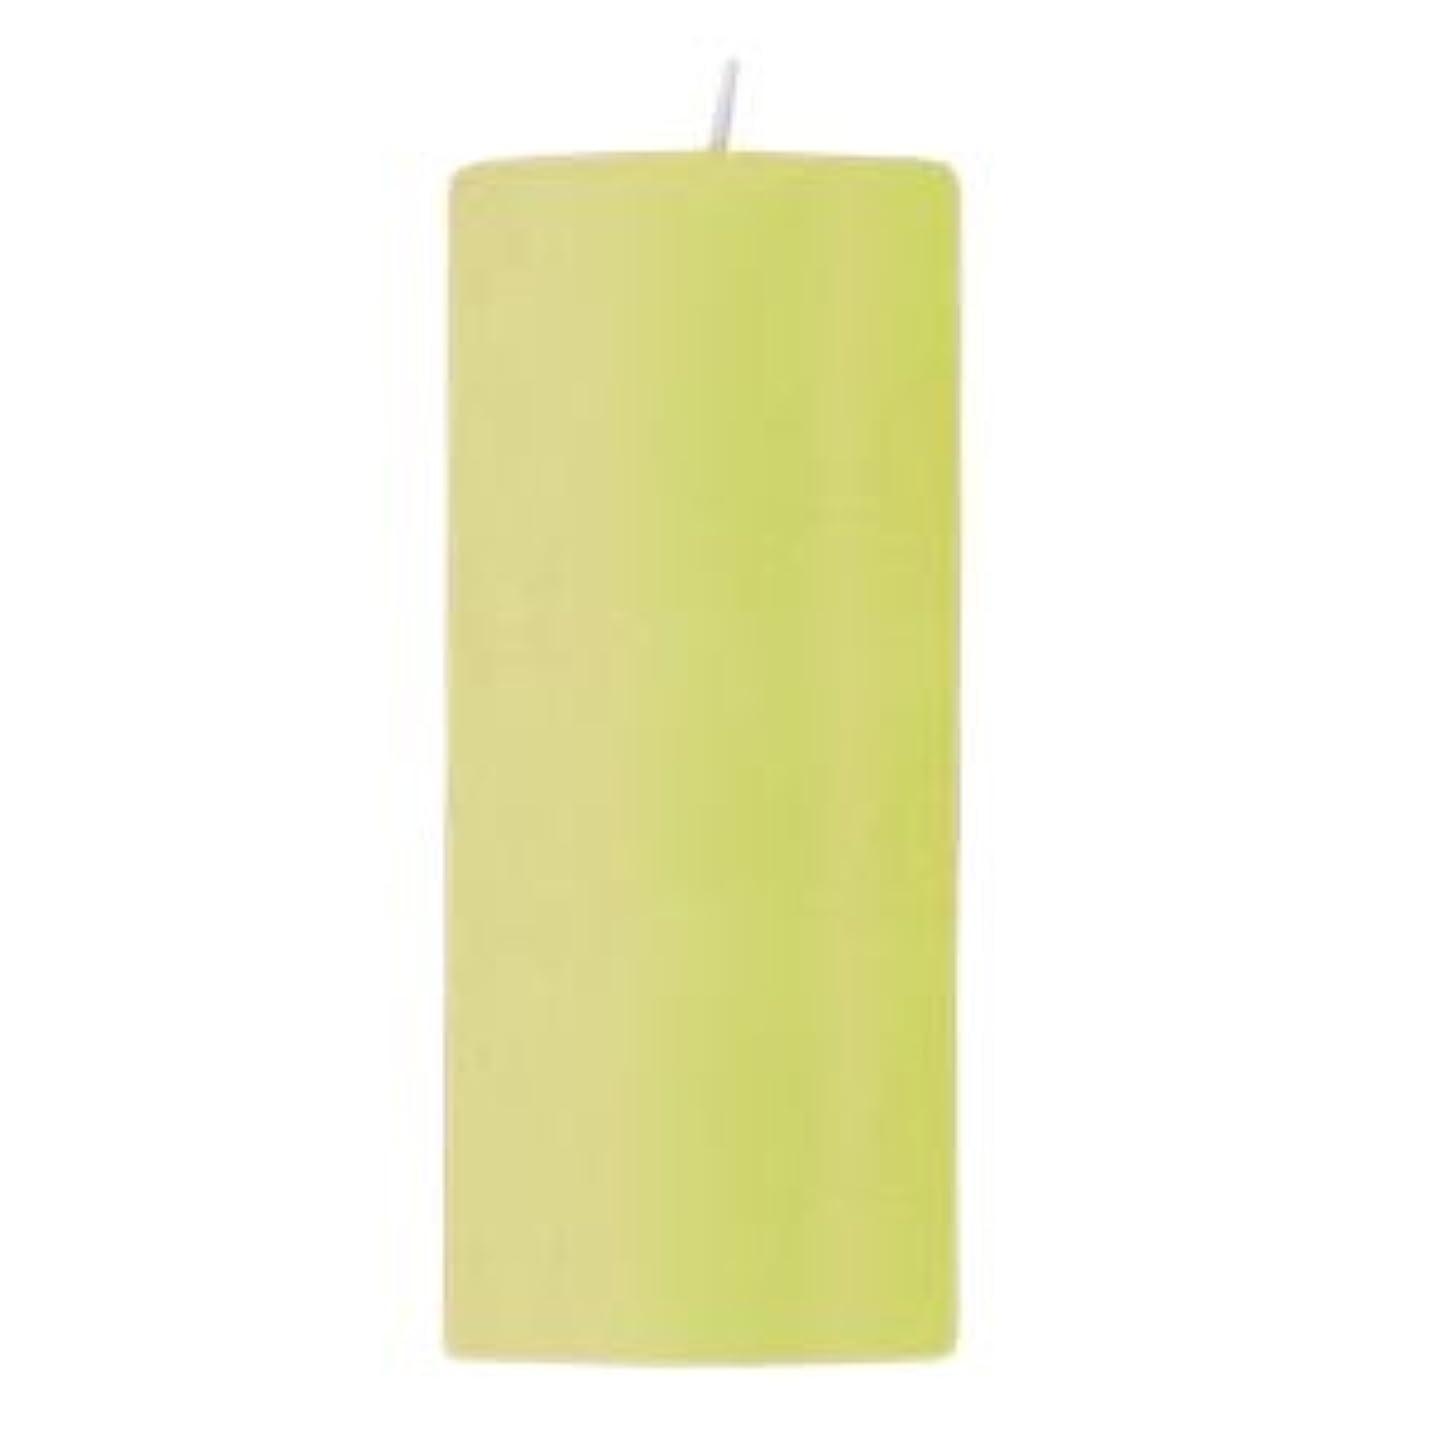 酸度土器スリムキャンドル 2?3/4 ×6  ラウンド ライトグリーン